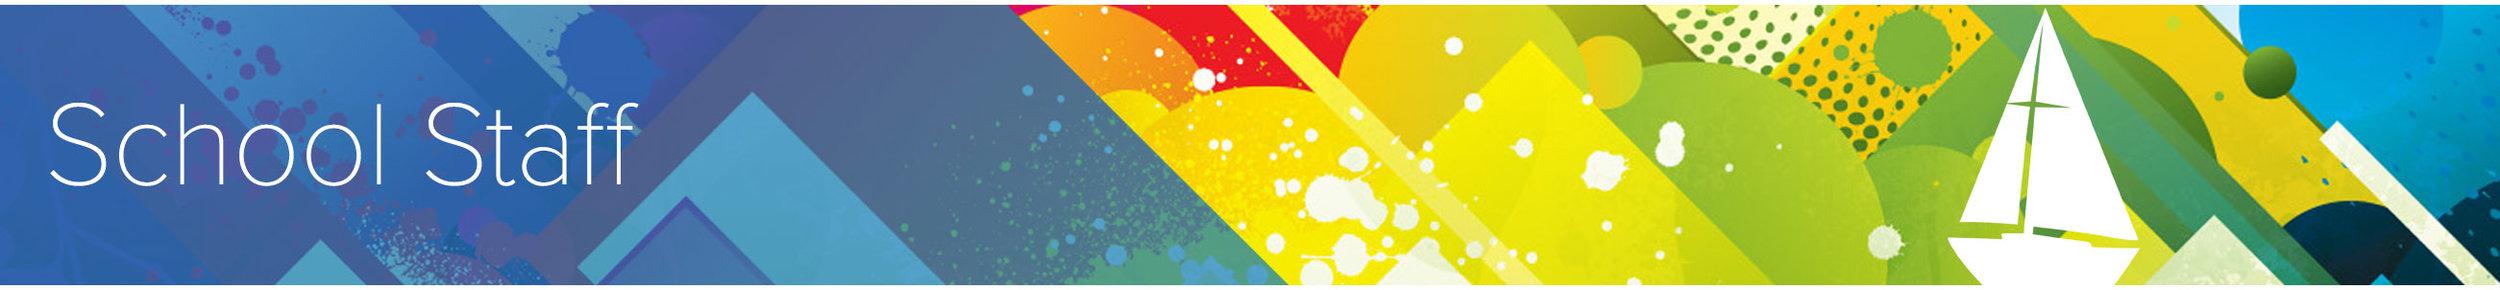 SchStaff-banner.jpg